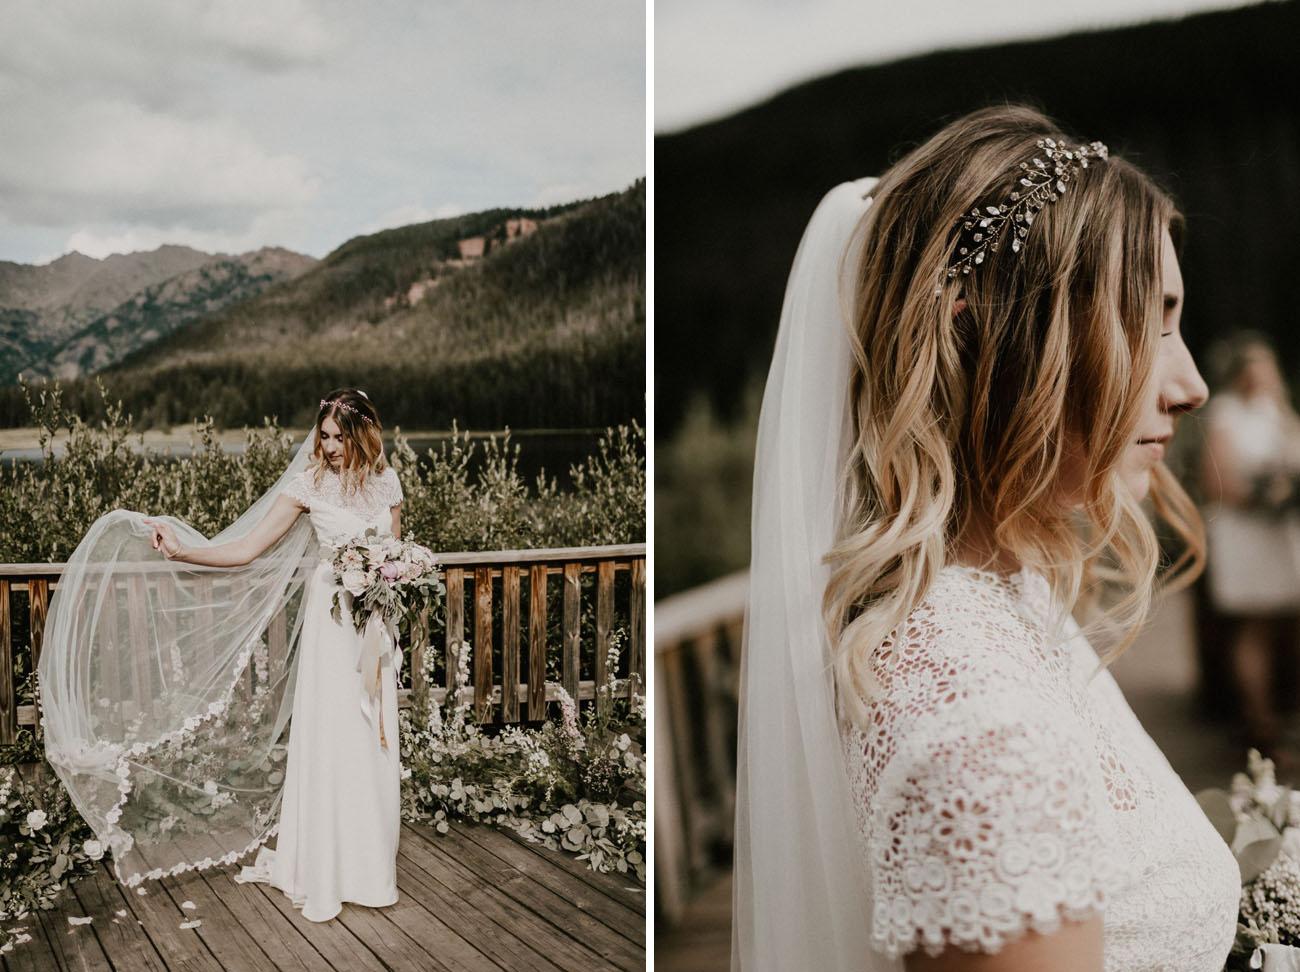 Anais Anette - Savannah Gown